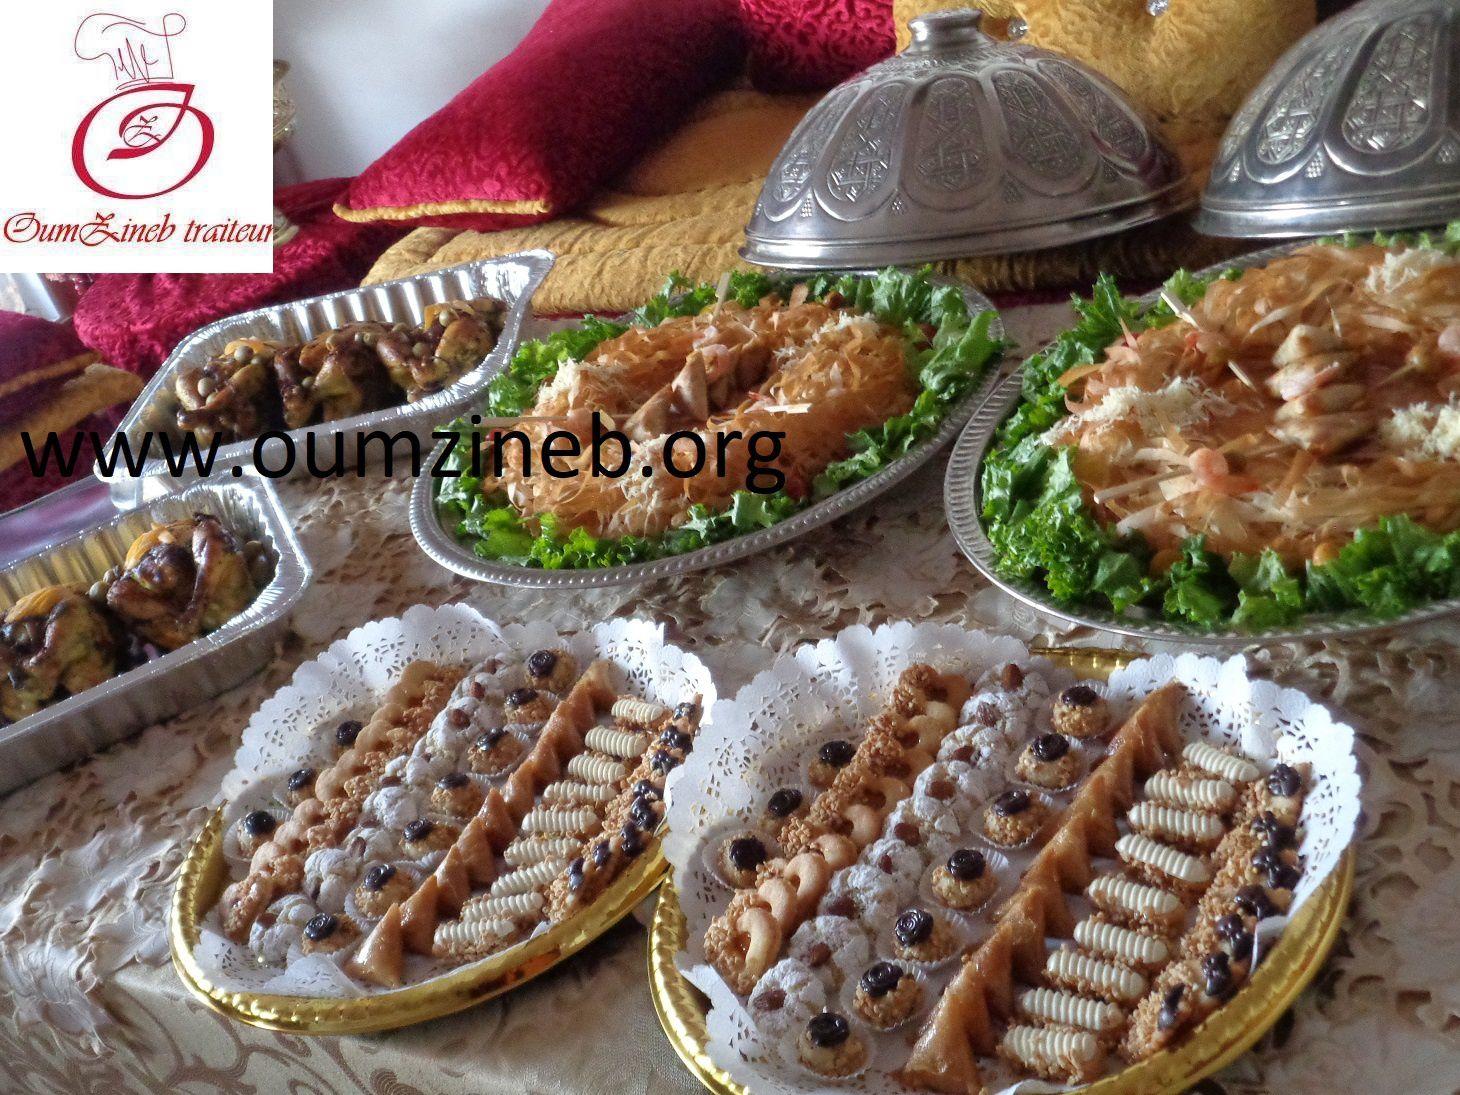 Cuisine Marocainne a Montreal